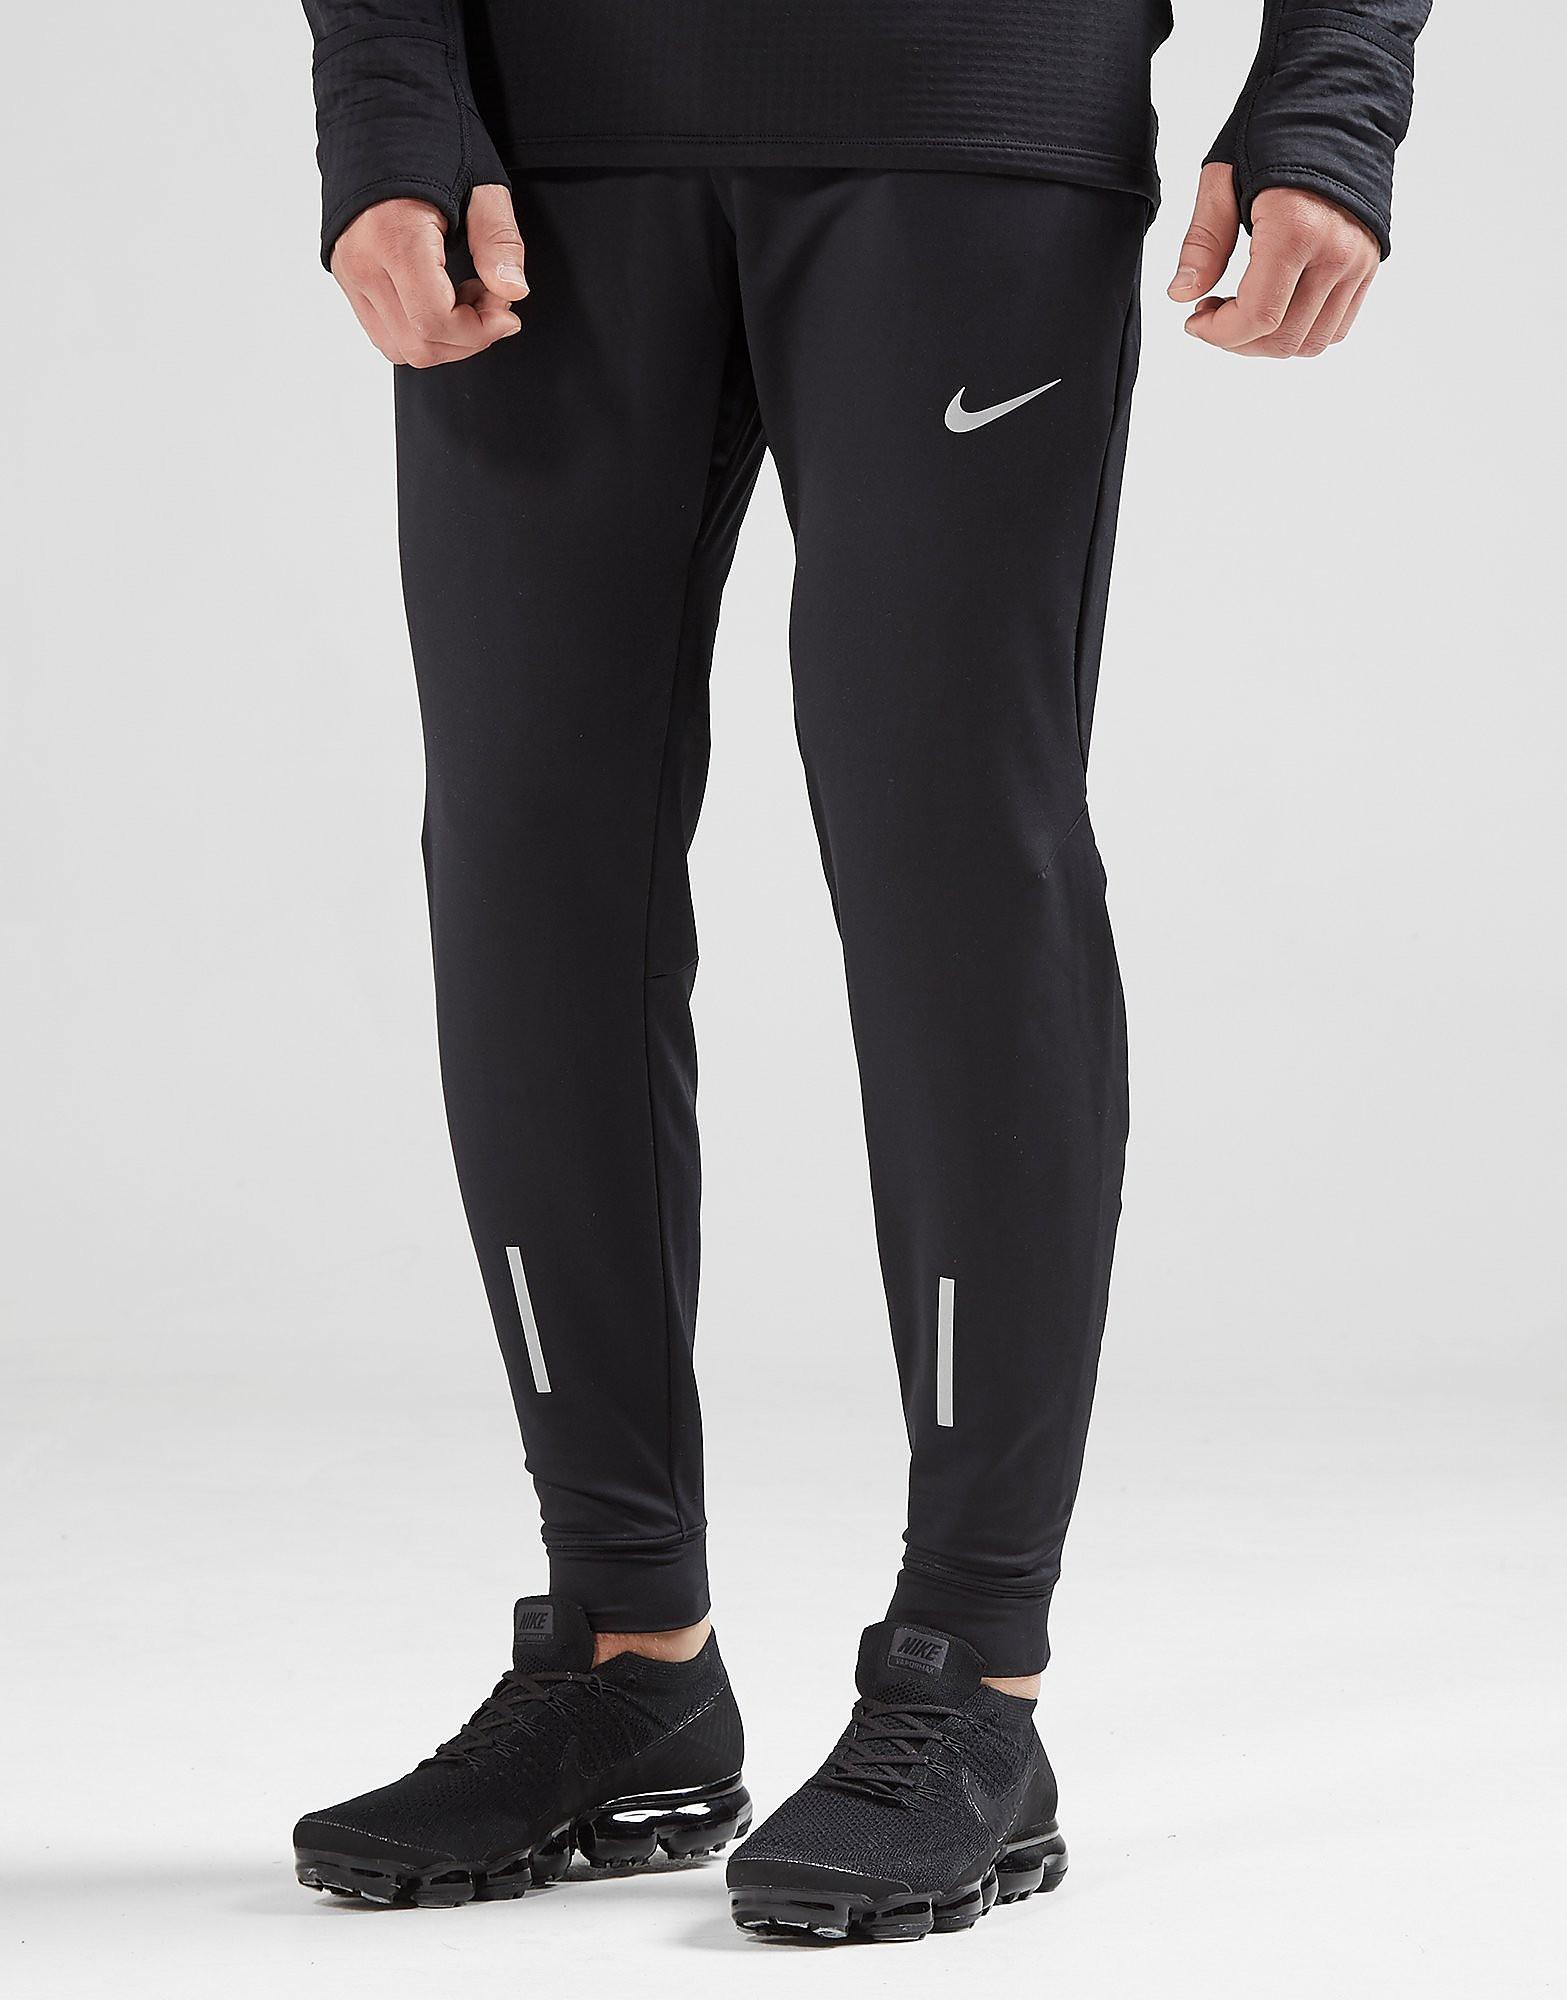 Nike Dry Run Pants